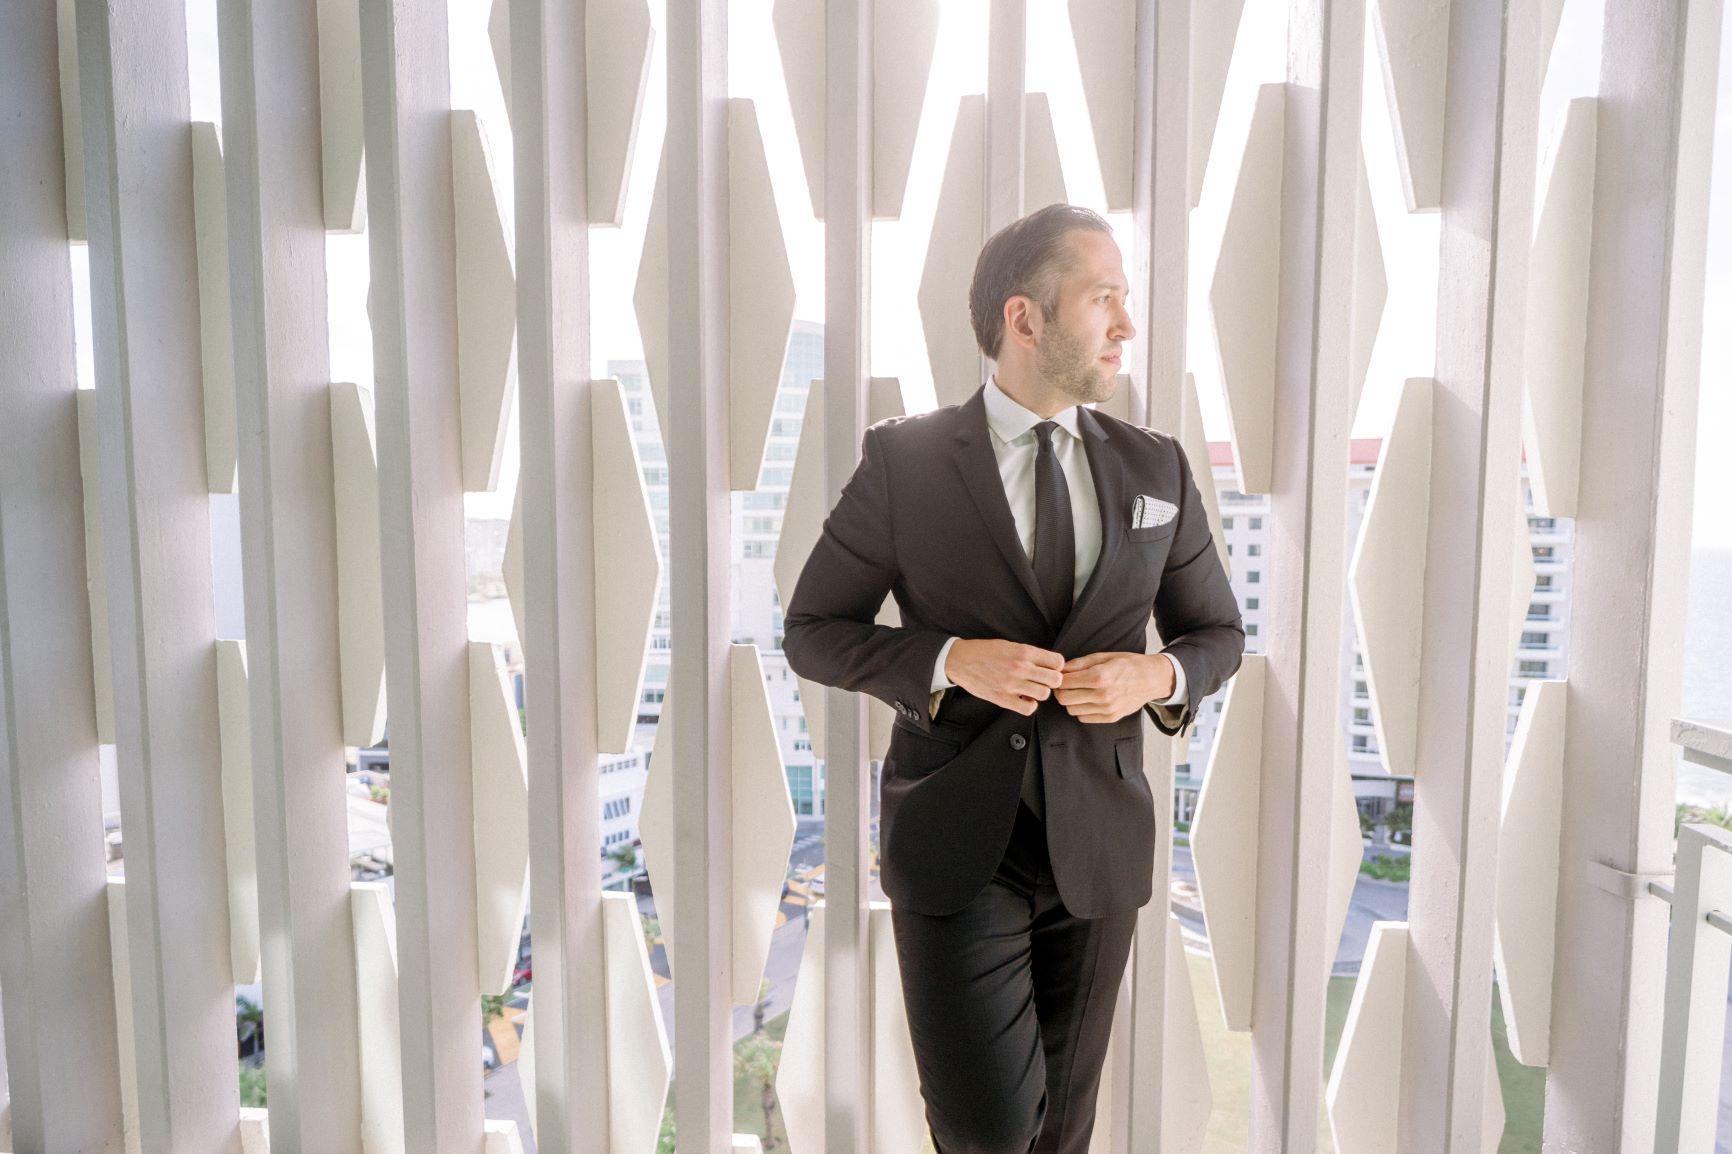 Vestimenta del novio: Express. (José Ruiz)